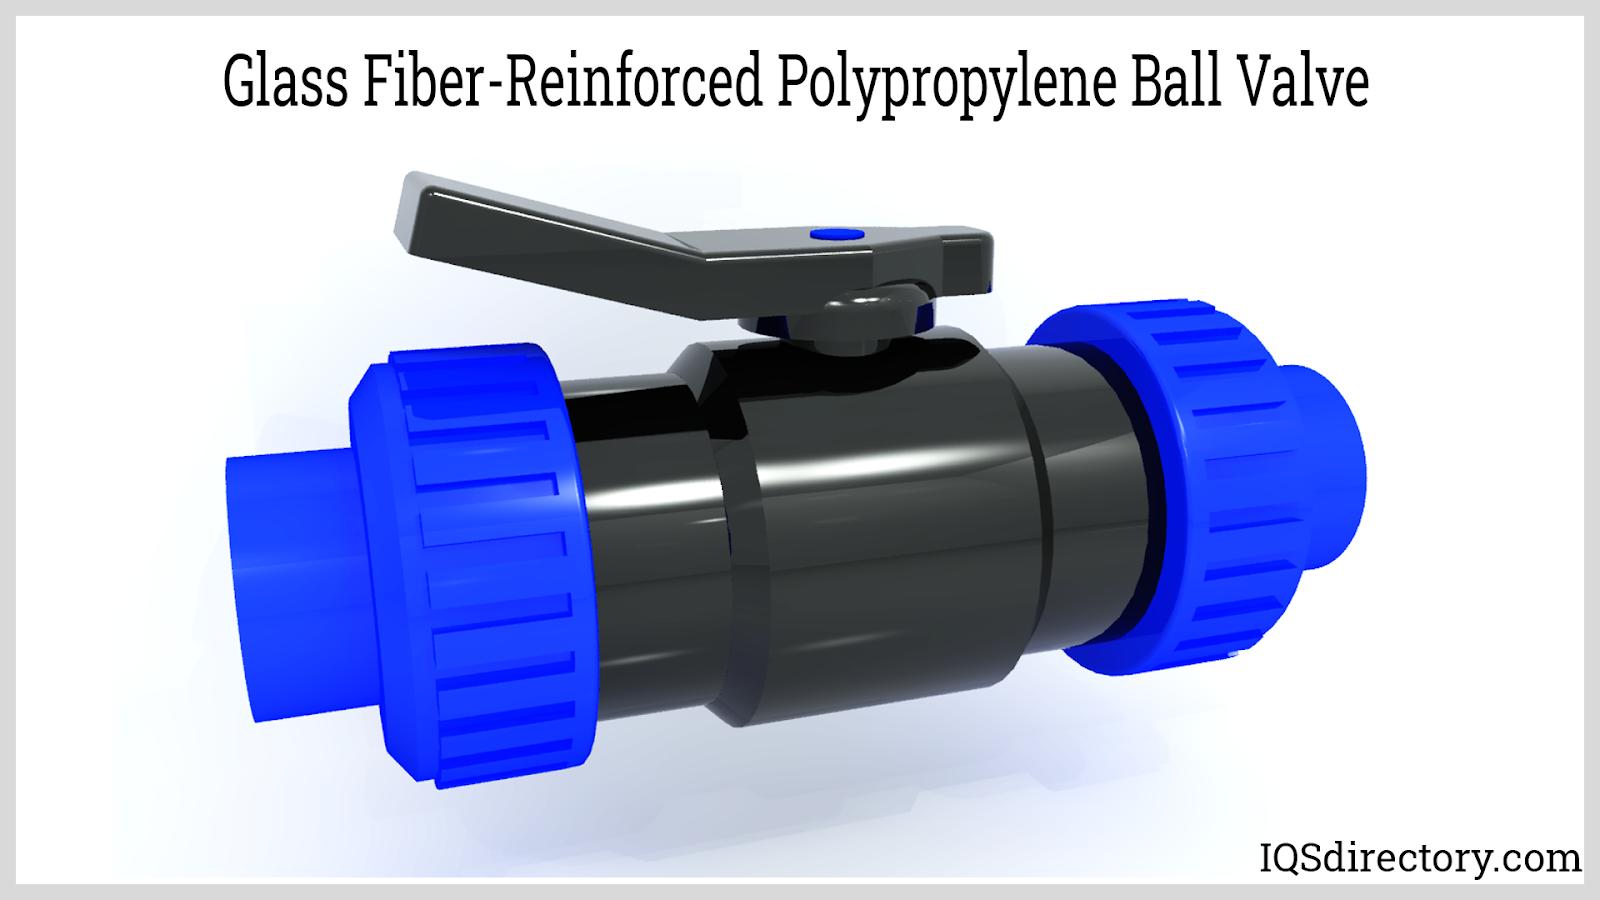 Glass Fiber-Reinforced Polypropylene Ball Valve